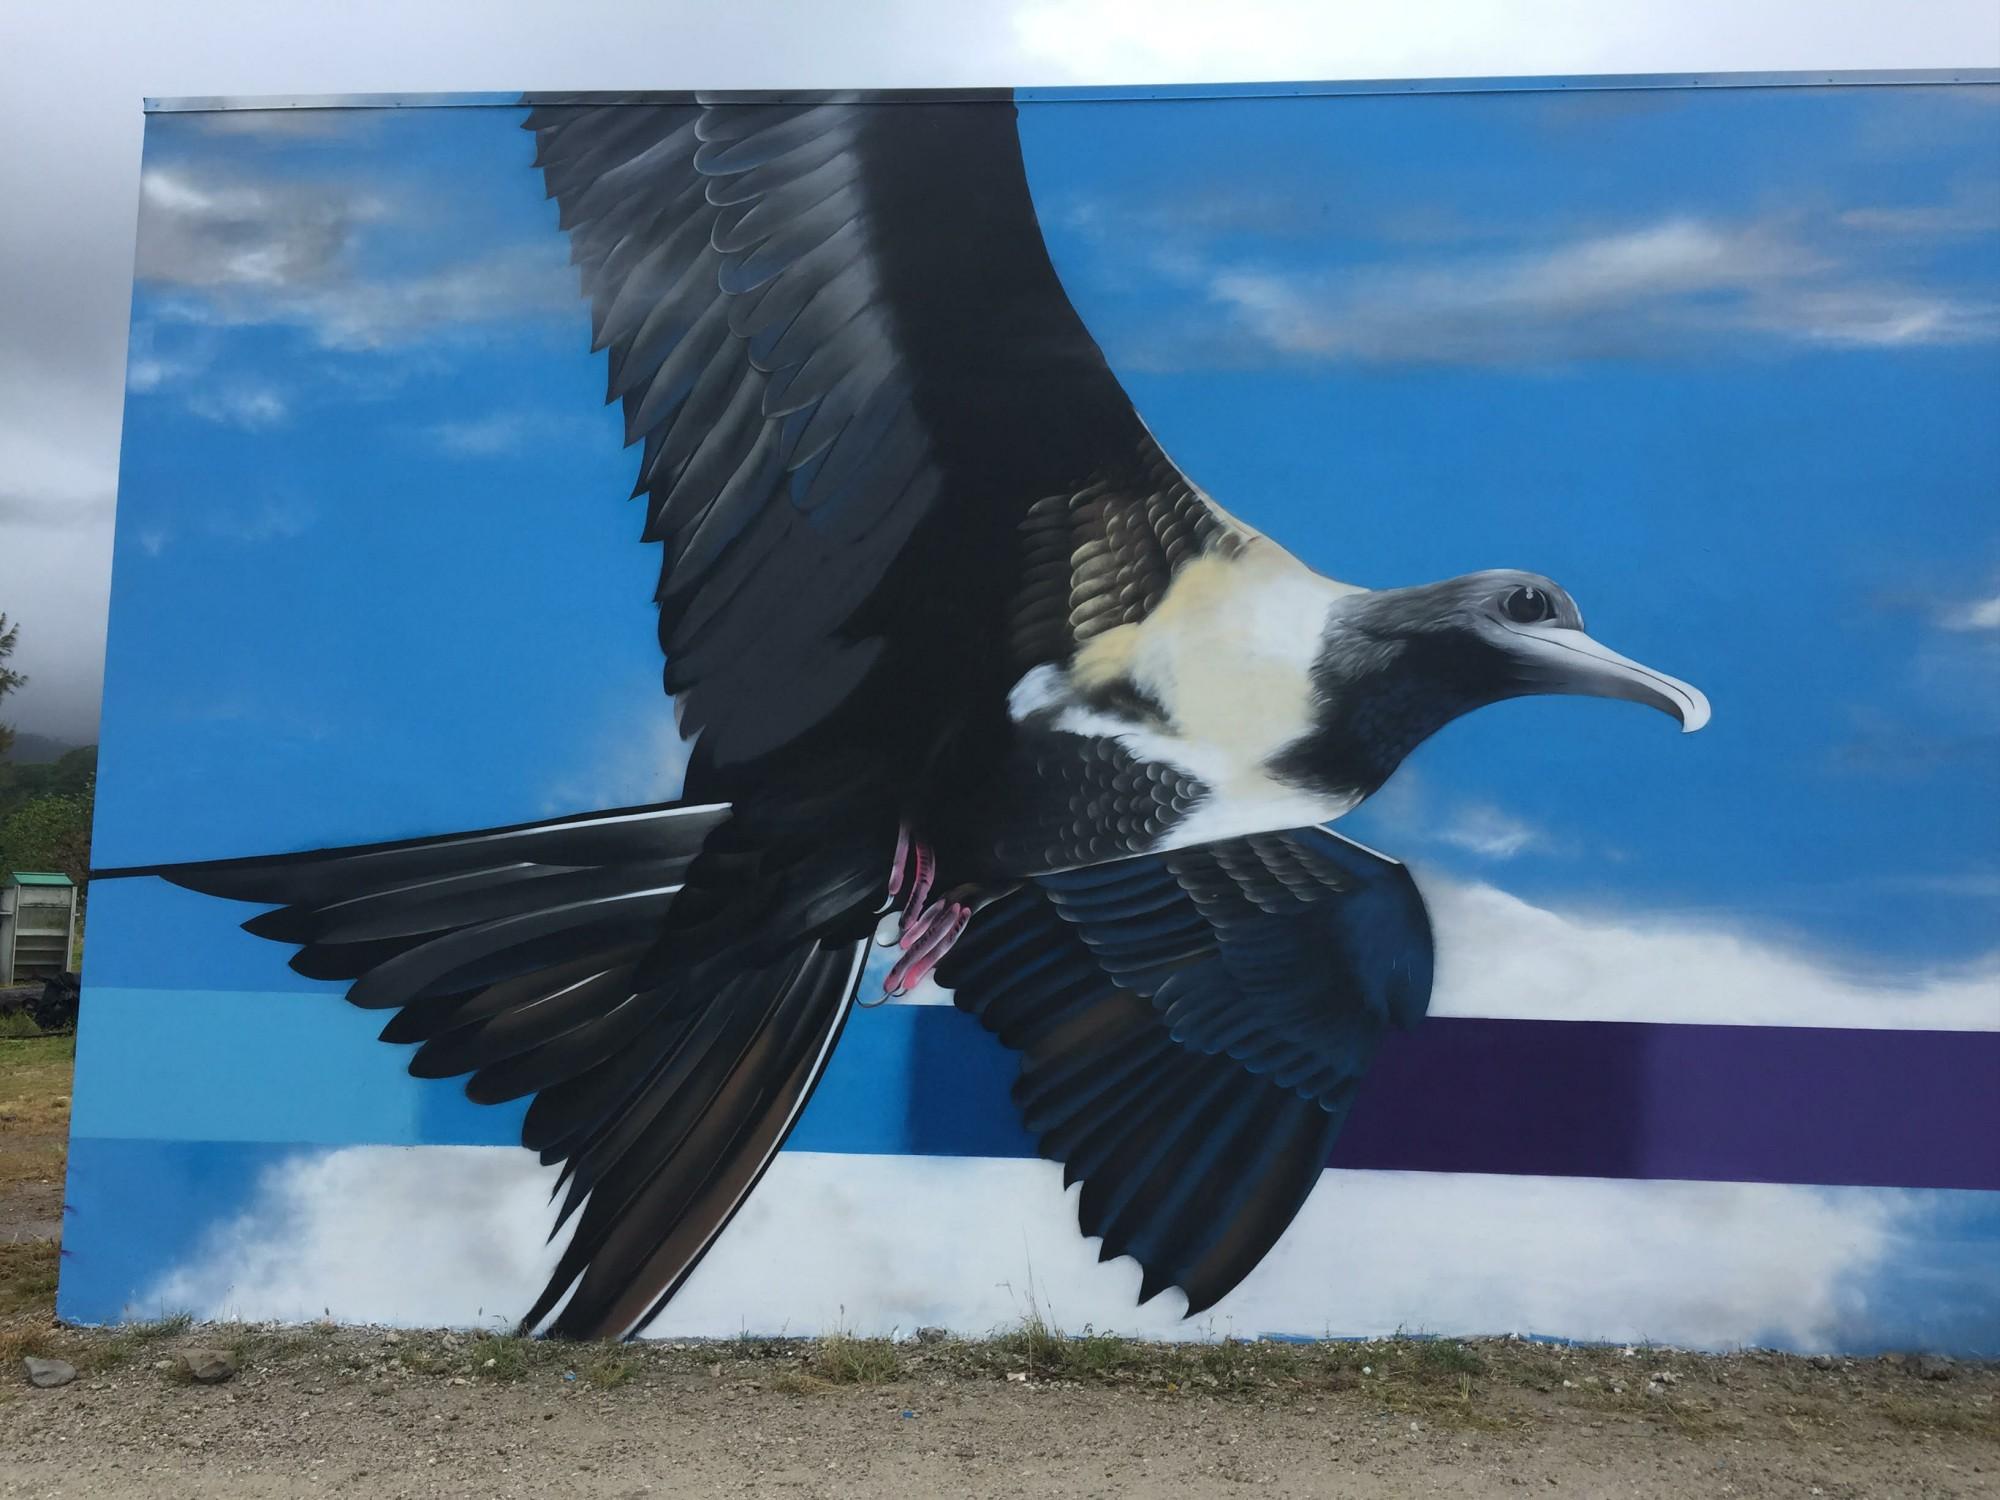 Les oiseaux polynésiens Otaha peints par Charles et Janine Williams.